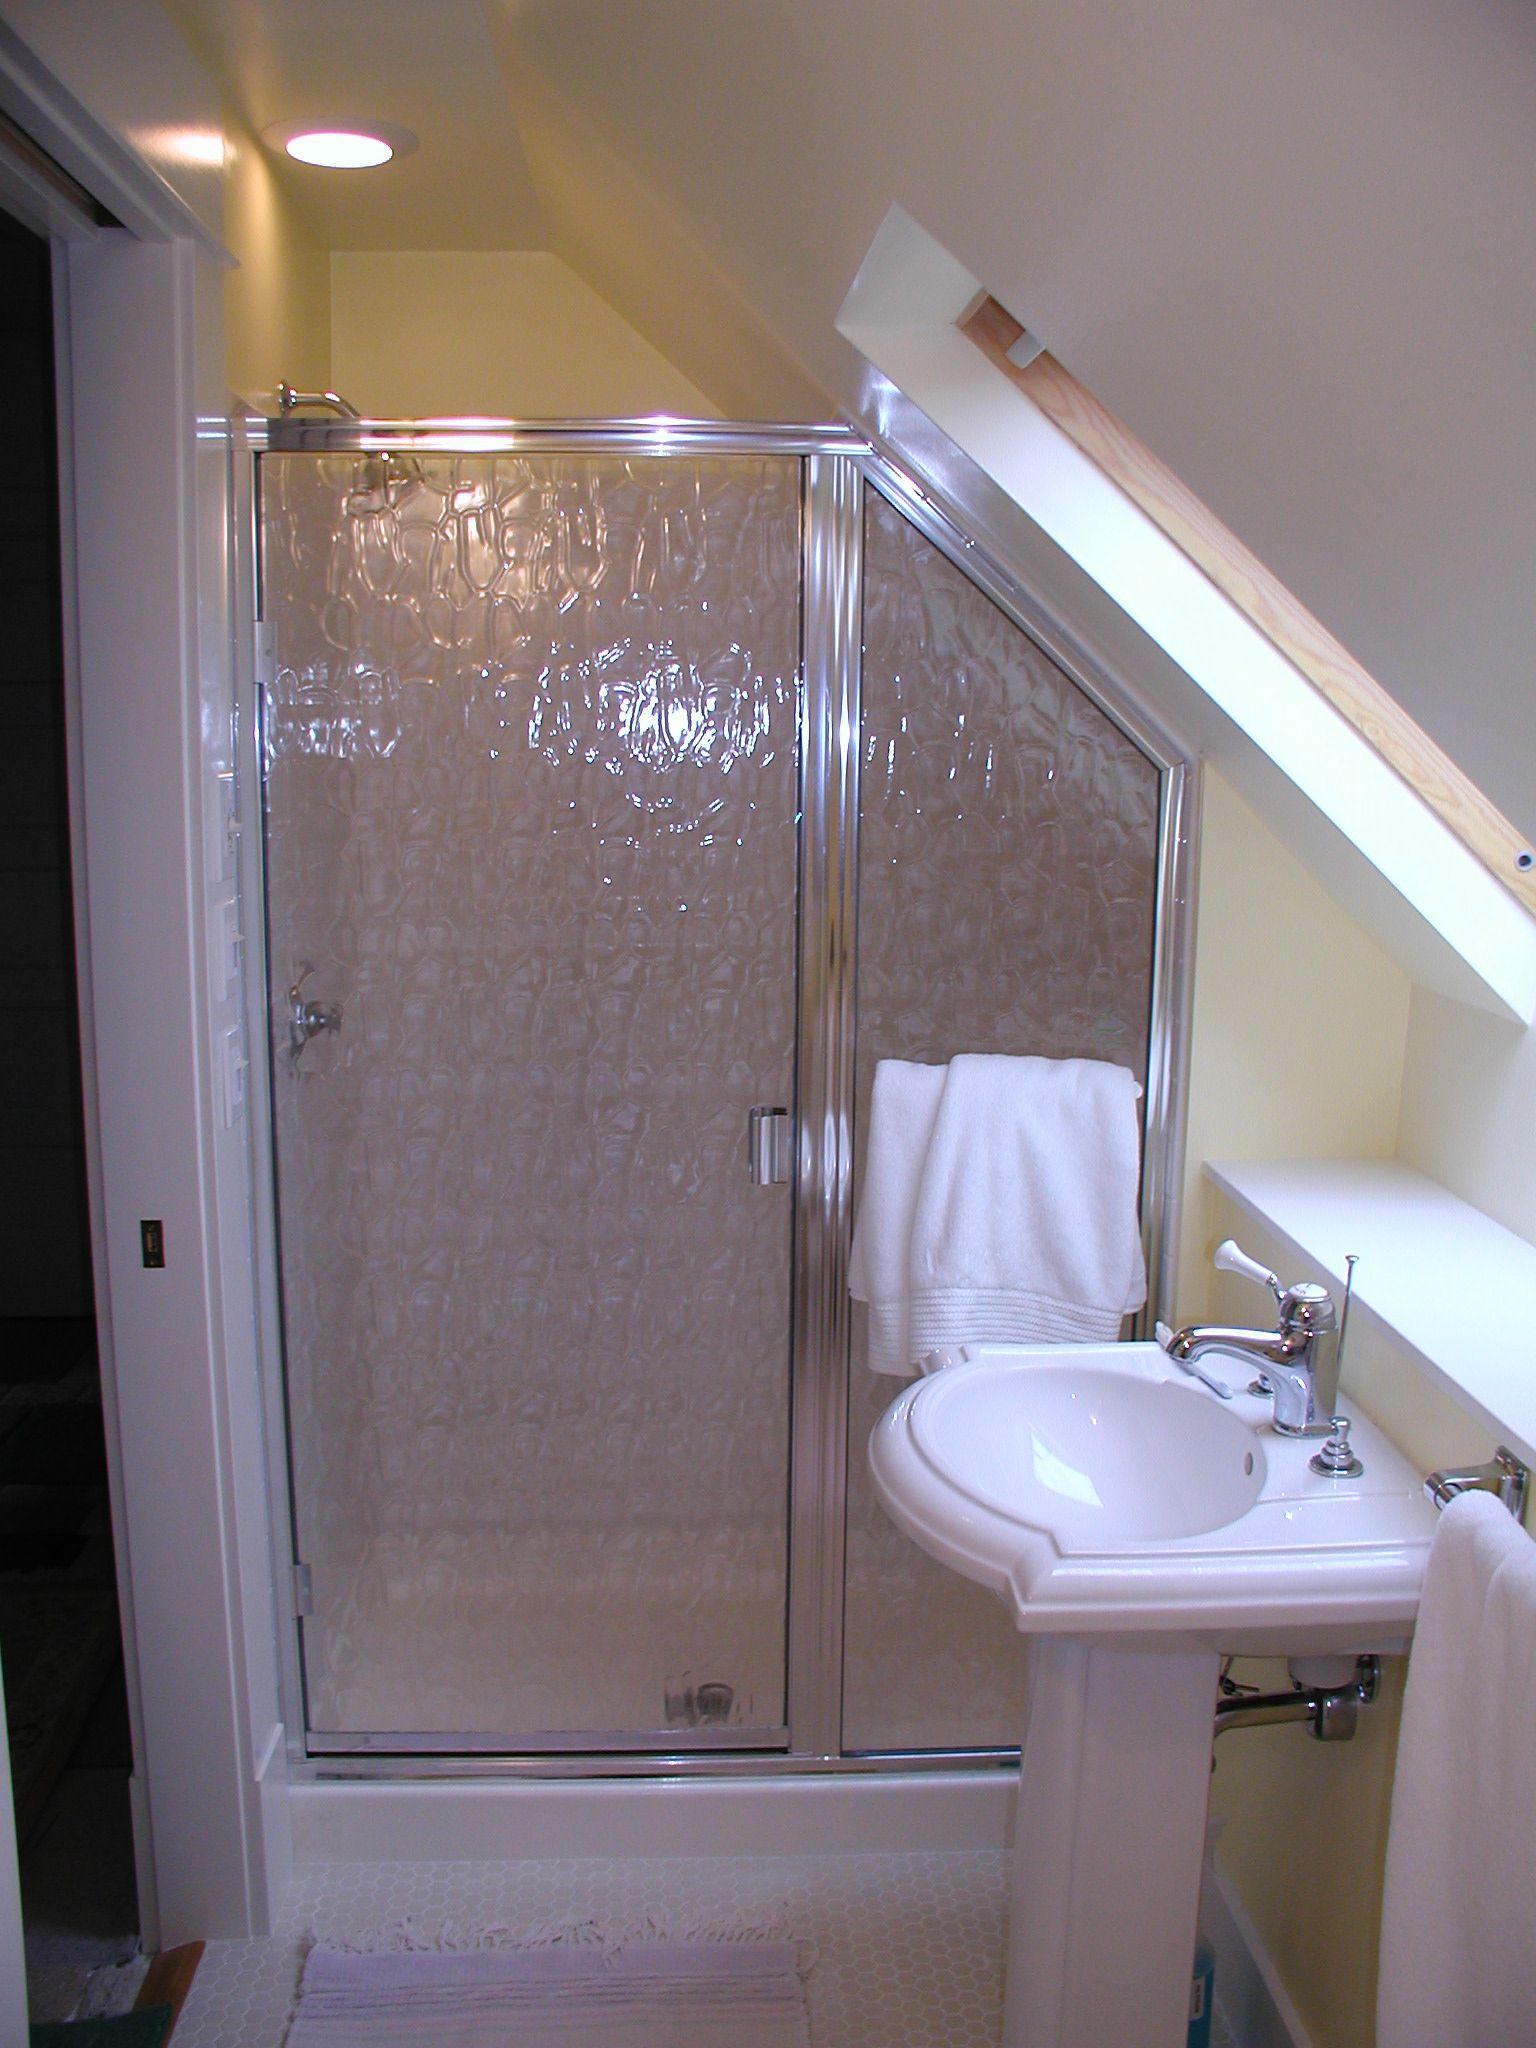 Job 04017 After Sloped Ceiling Shower Jpg 1 536 2 048 Pixels Attic Bathroom Small Bathroom Sloped Ceiling Bathroom